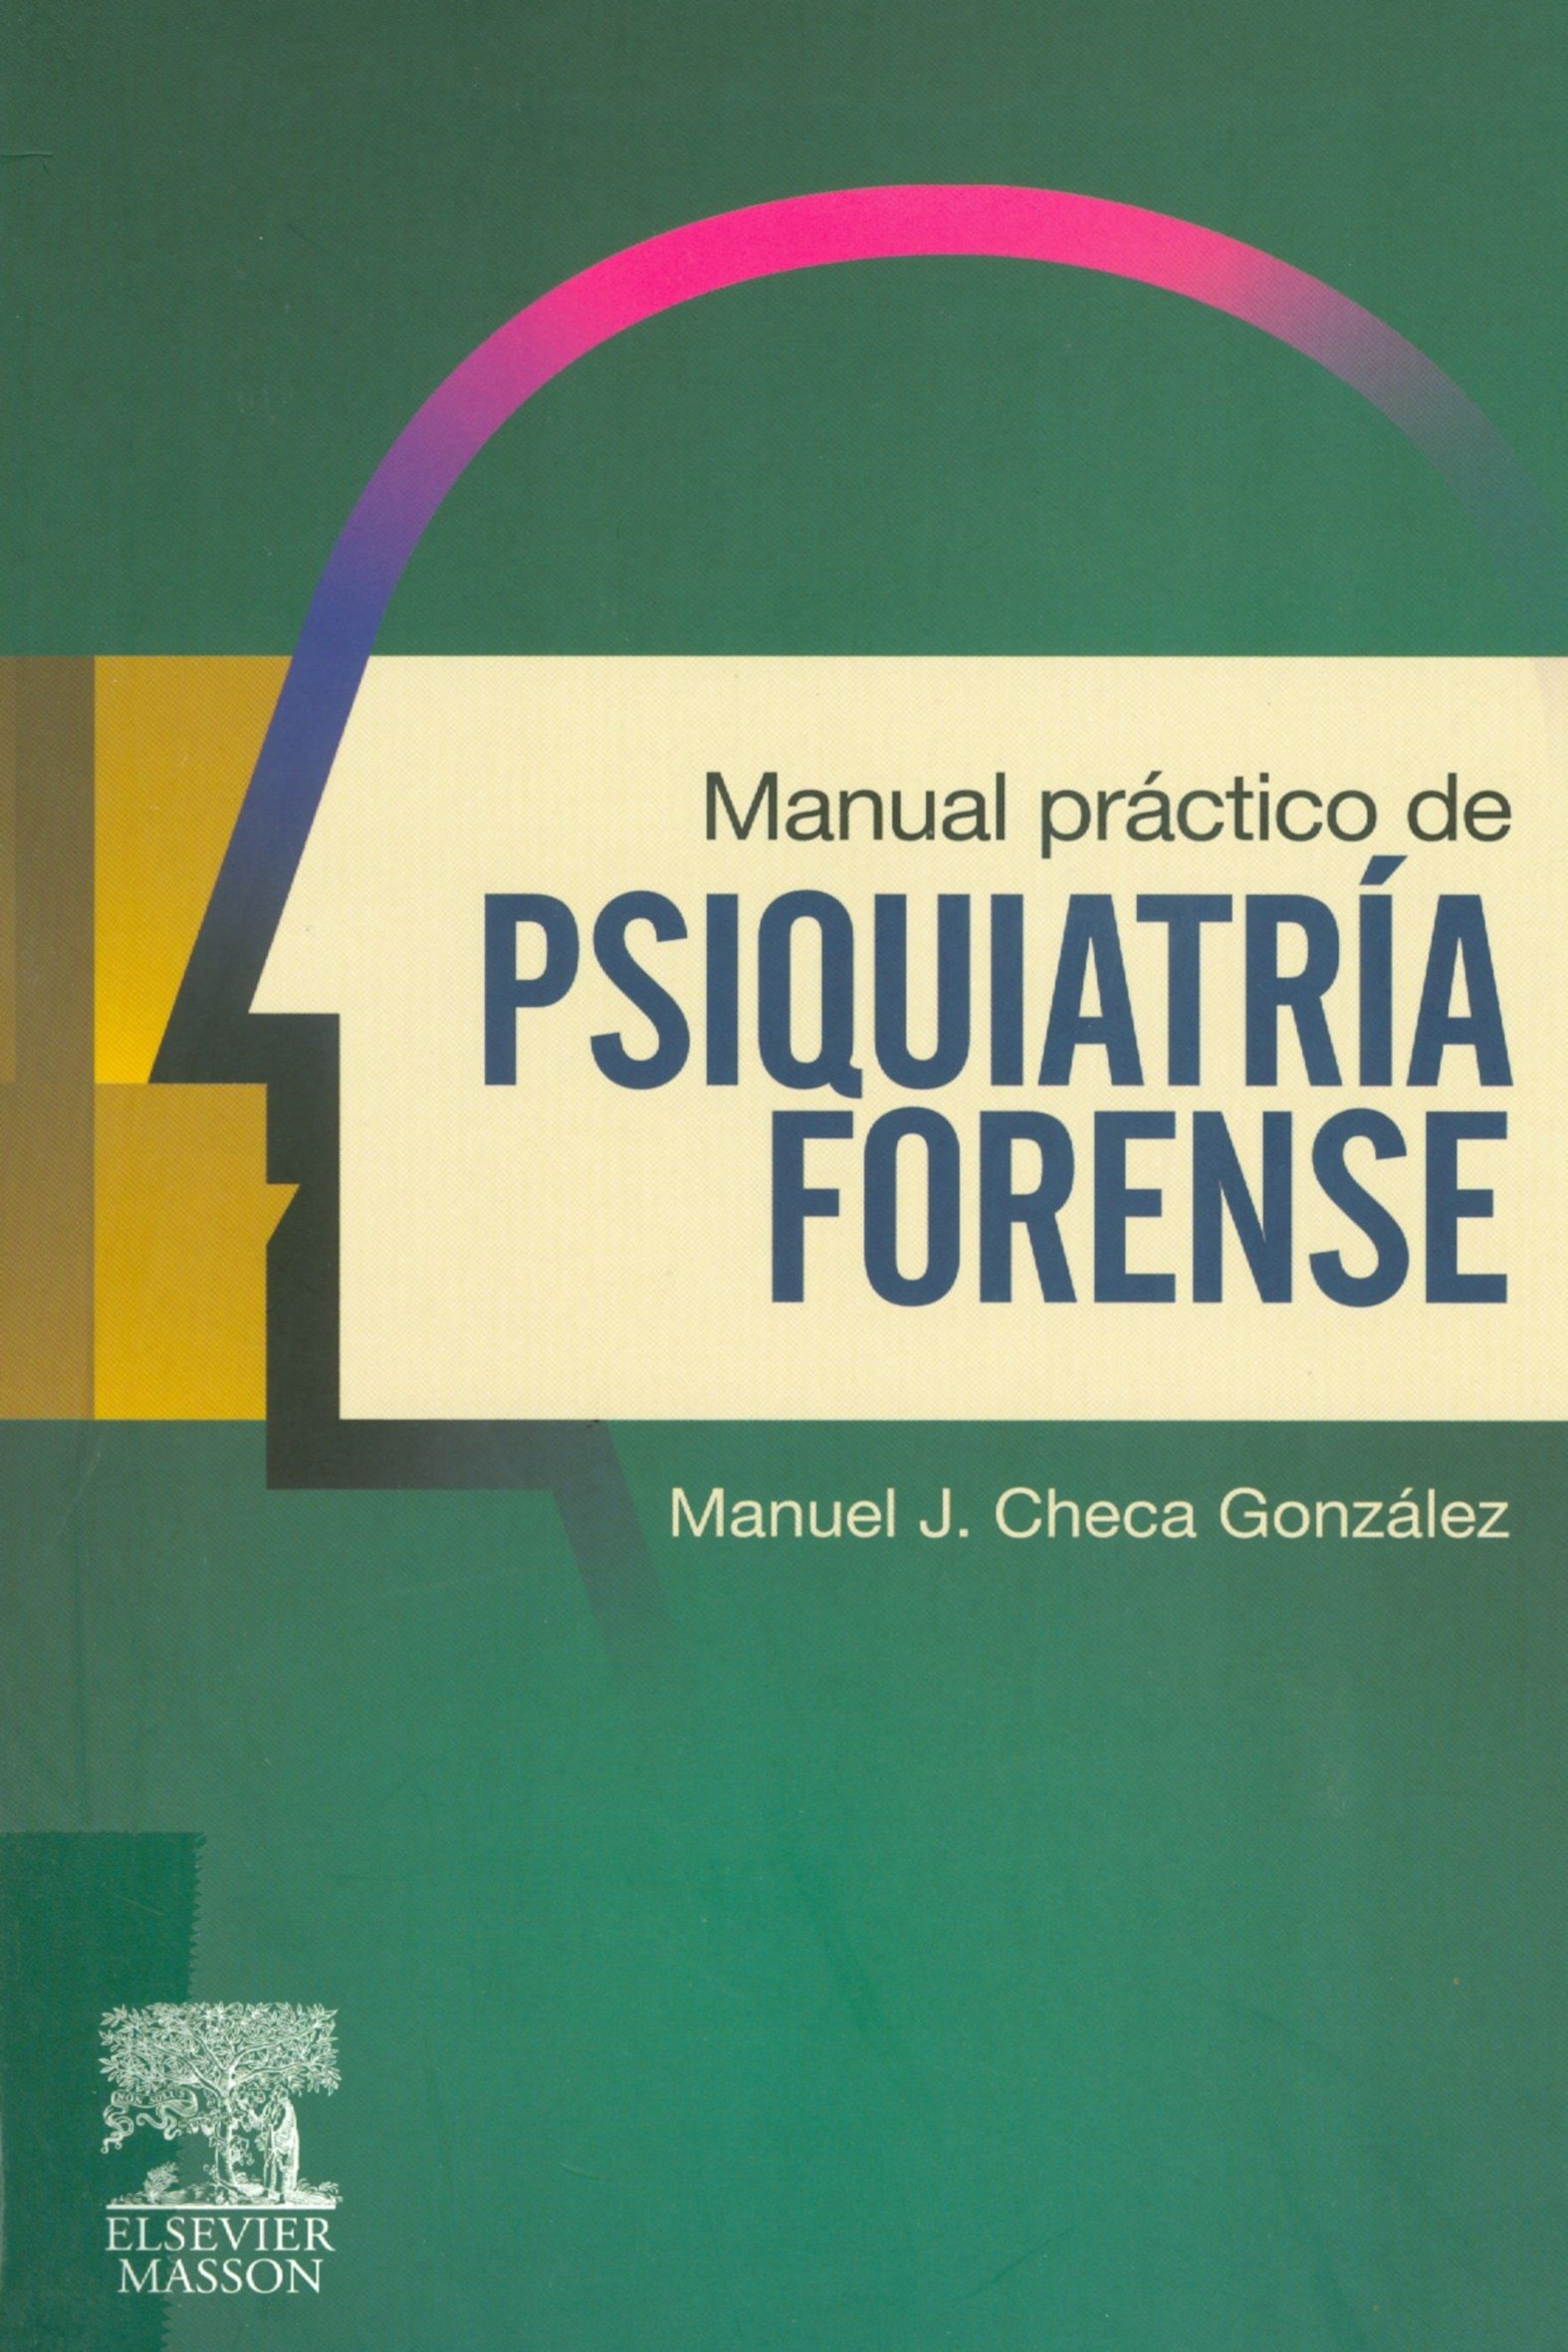 Manual práctico de psiquiatría forense. 2010. http://www ...